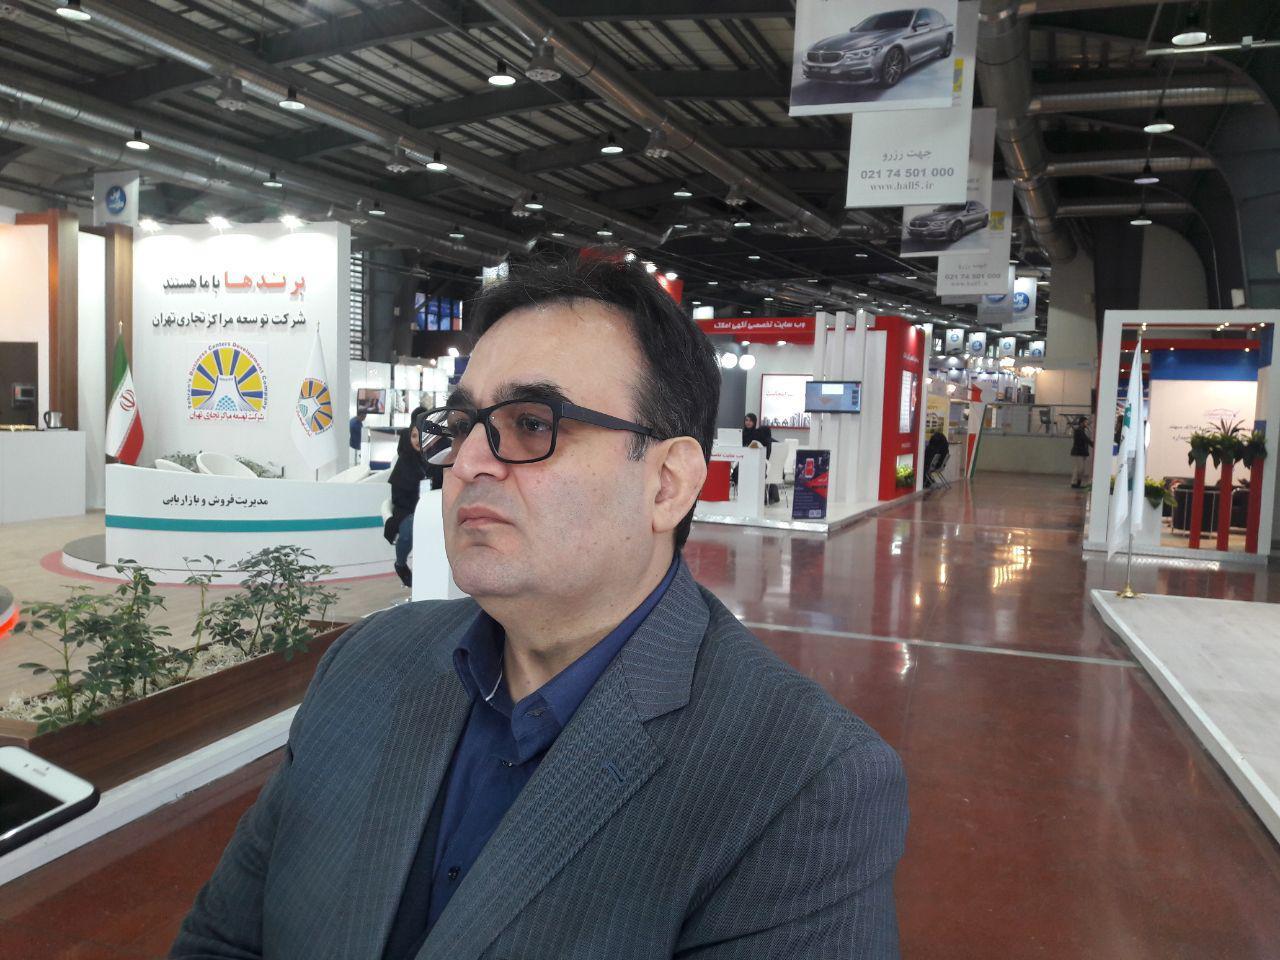 پنجمین نمایشگاه بین المللی املاک و مستغلات تهران